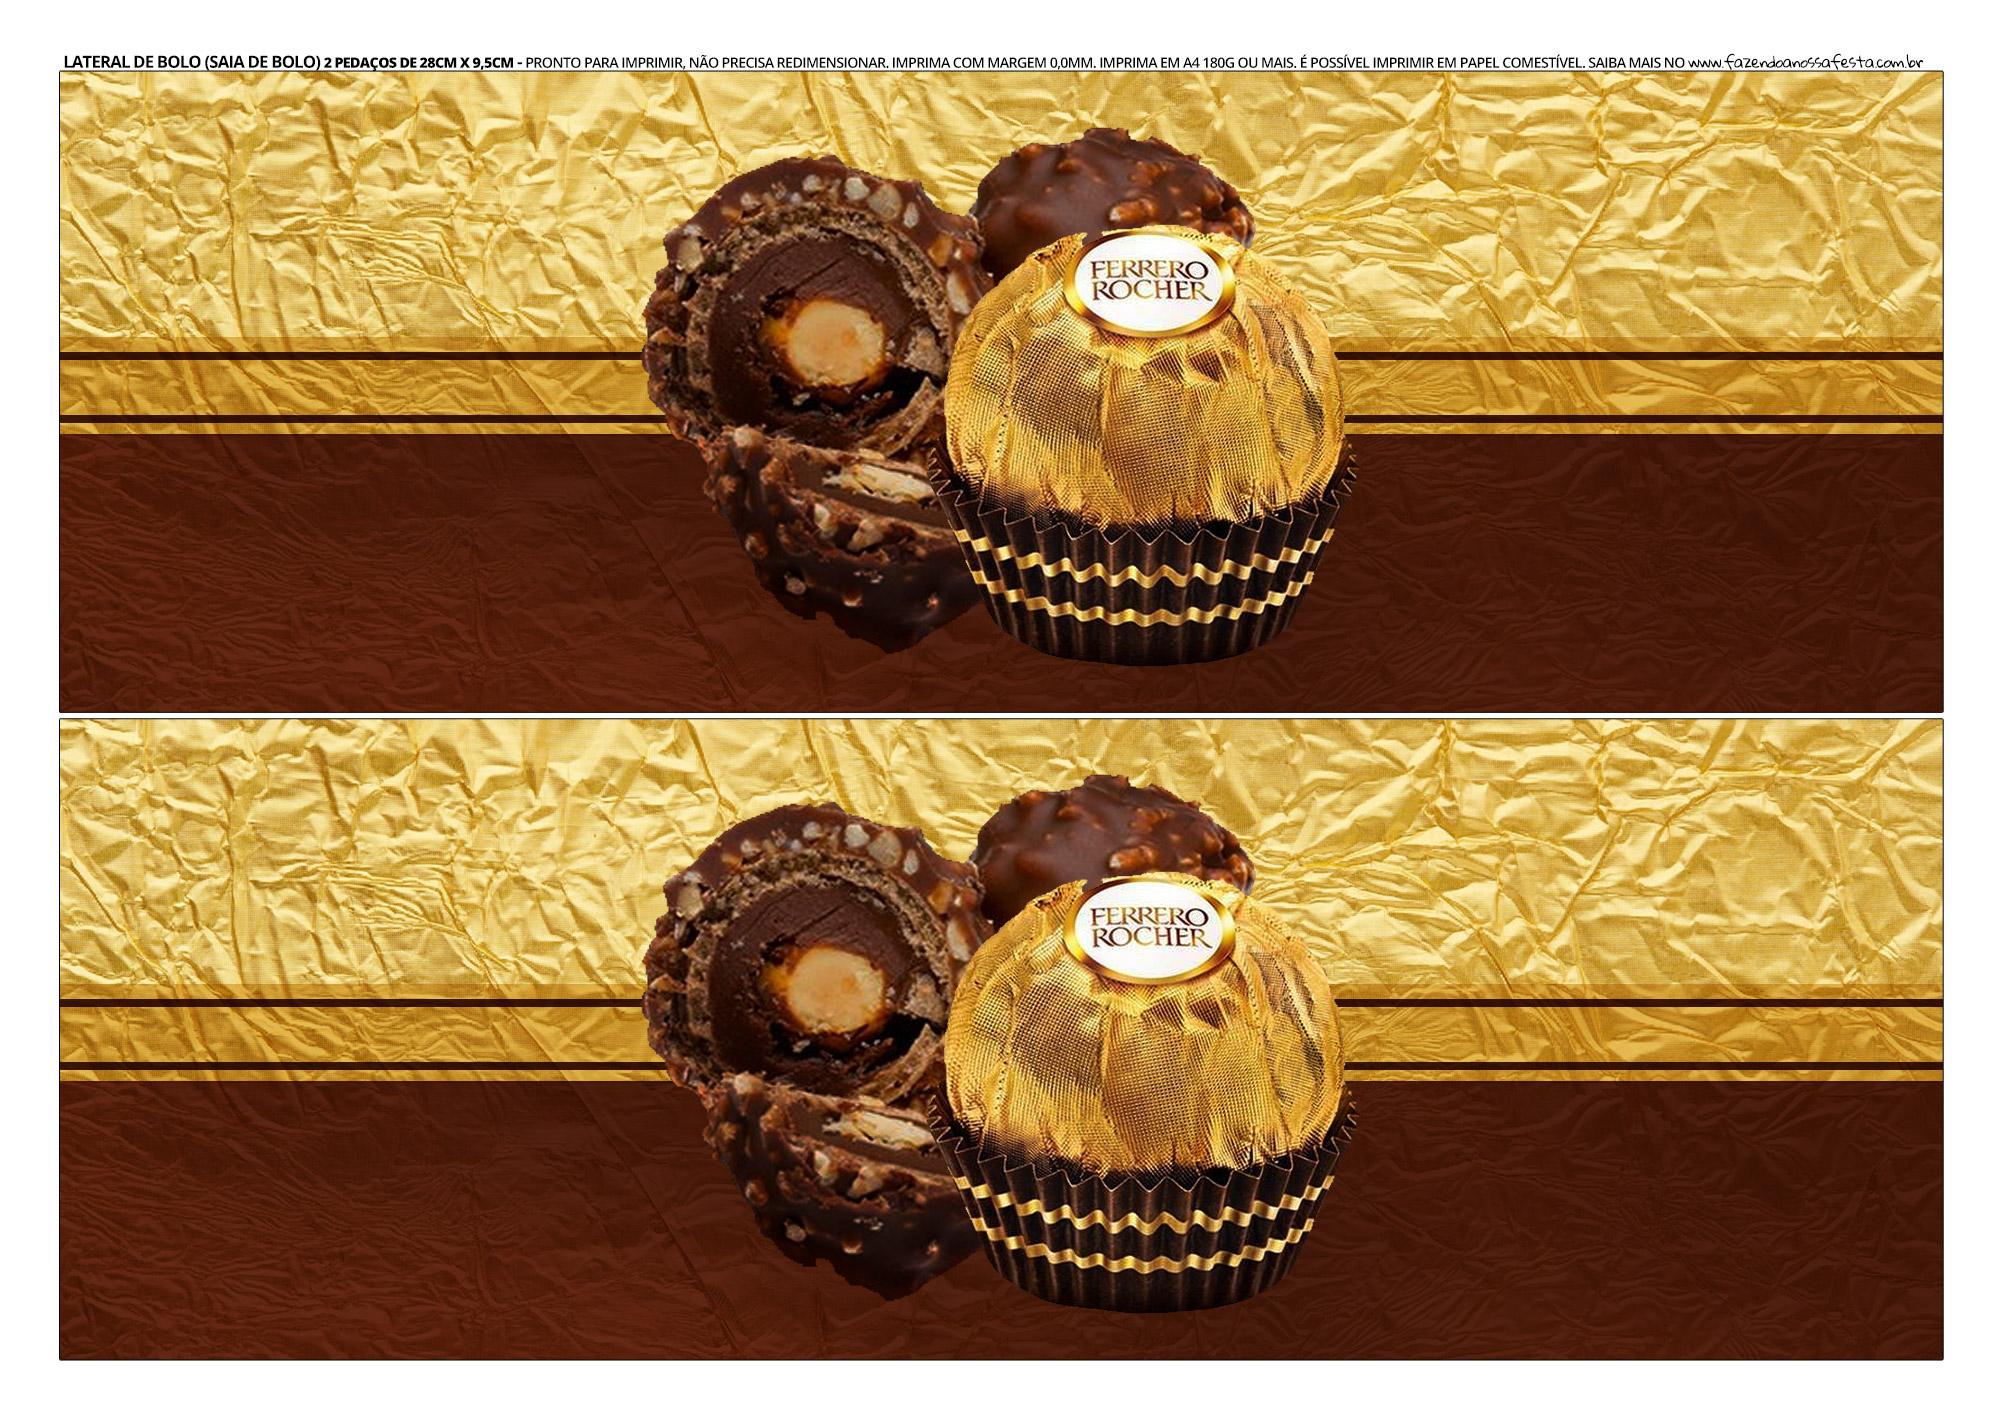 Faixa lateral de bolo Dia dos Namorados Ferrero Rocher